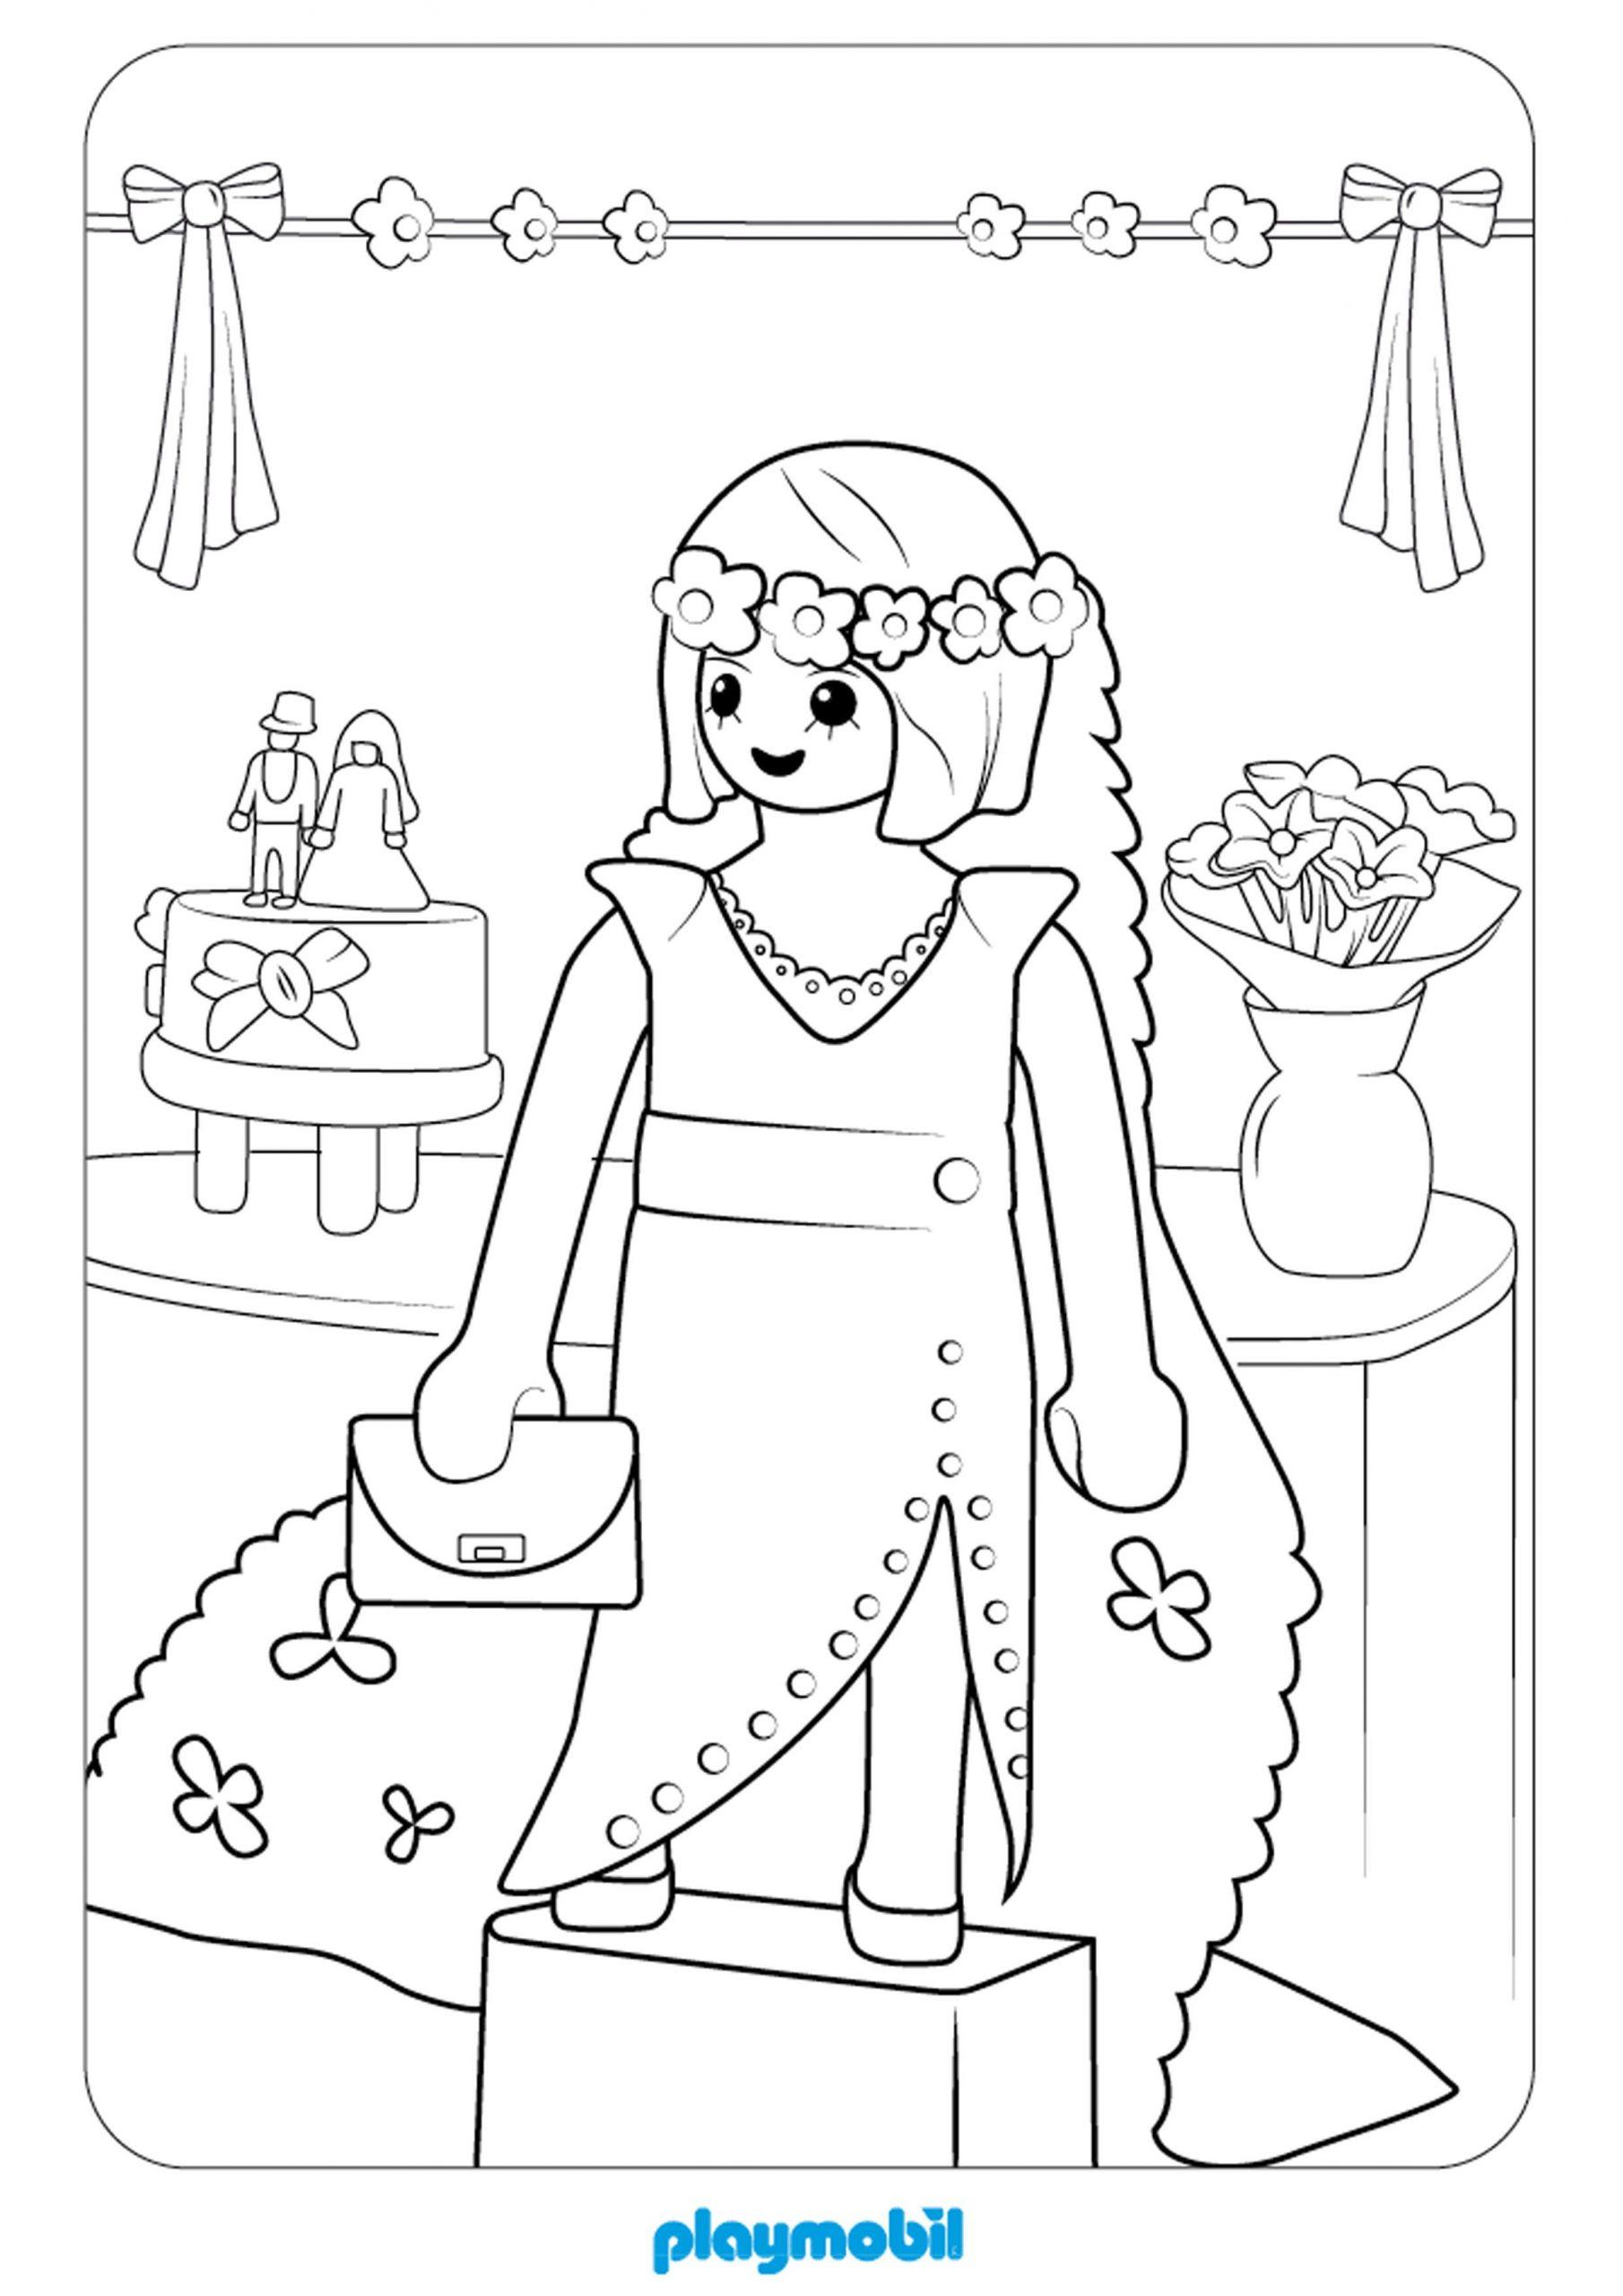 Coloriage Playmobil À Colorier - Dessin À Imprimer à Coloriage A4 Imprimer Gratuit